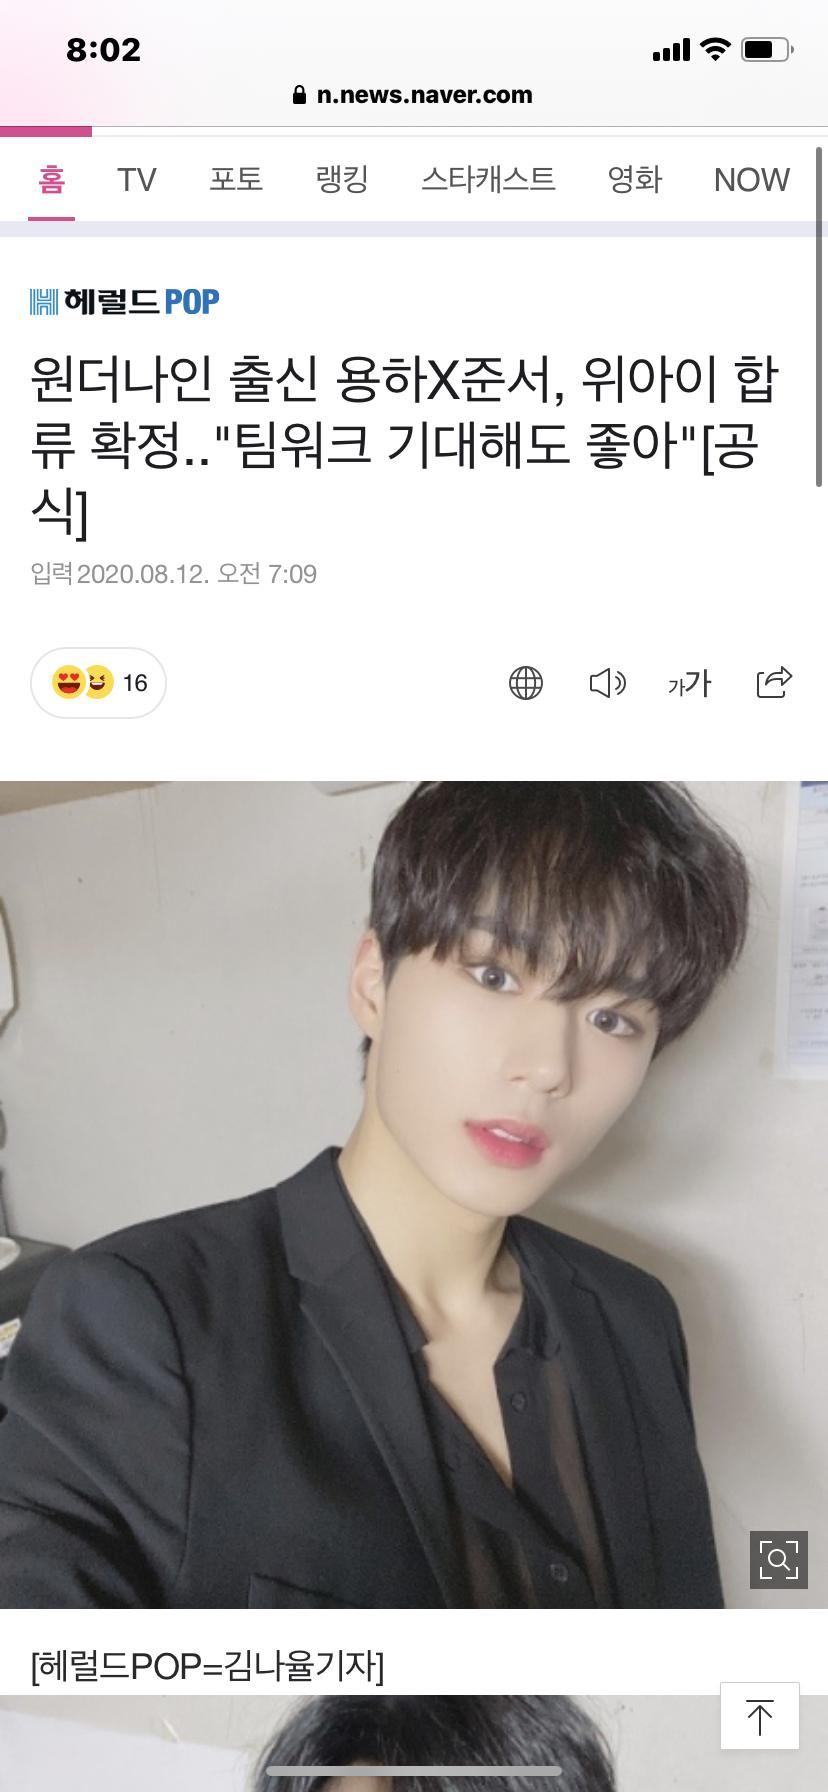 드디어 우리 멤버들 공식합류 기사 떴어ㅠㅠㅠㅠㅠㅠ | 인스티즈